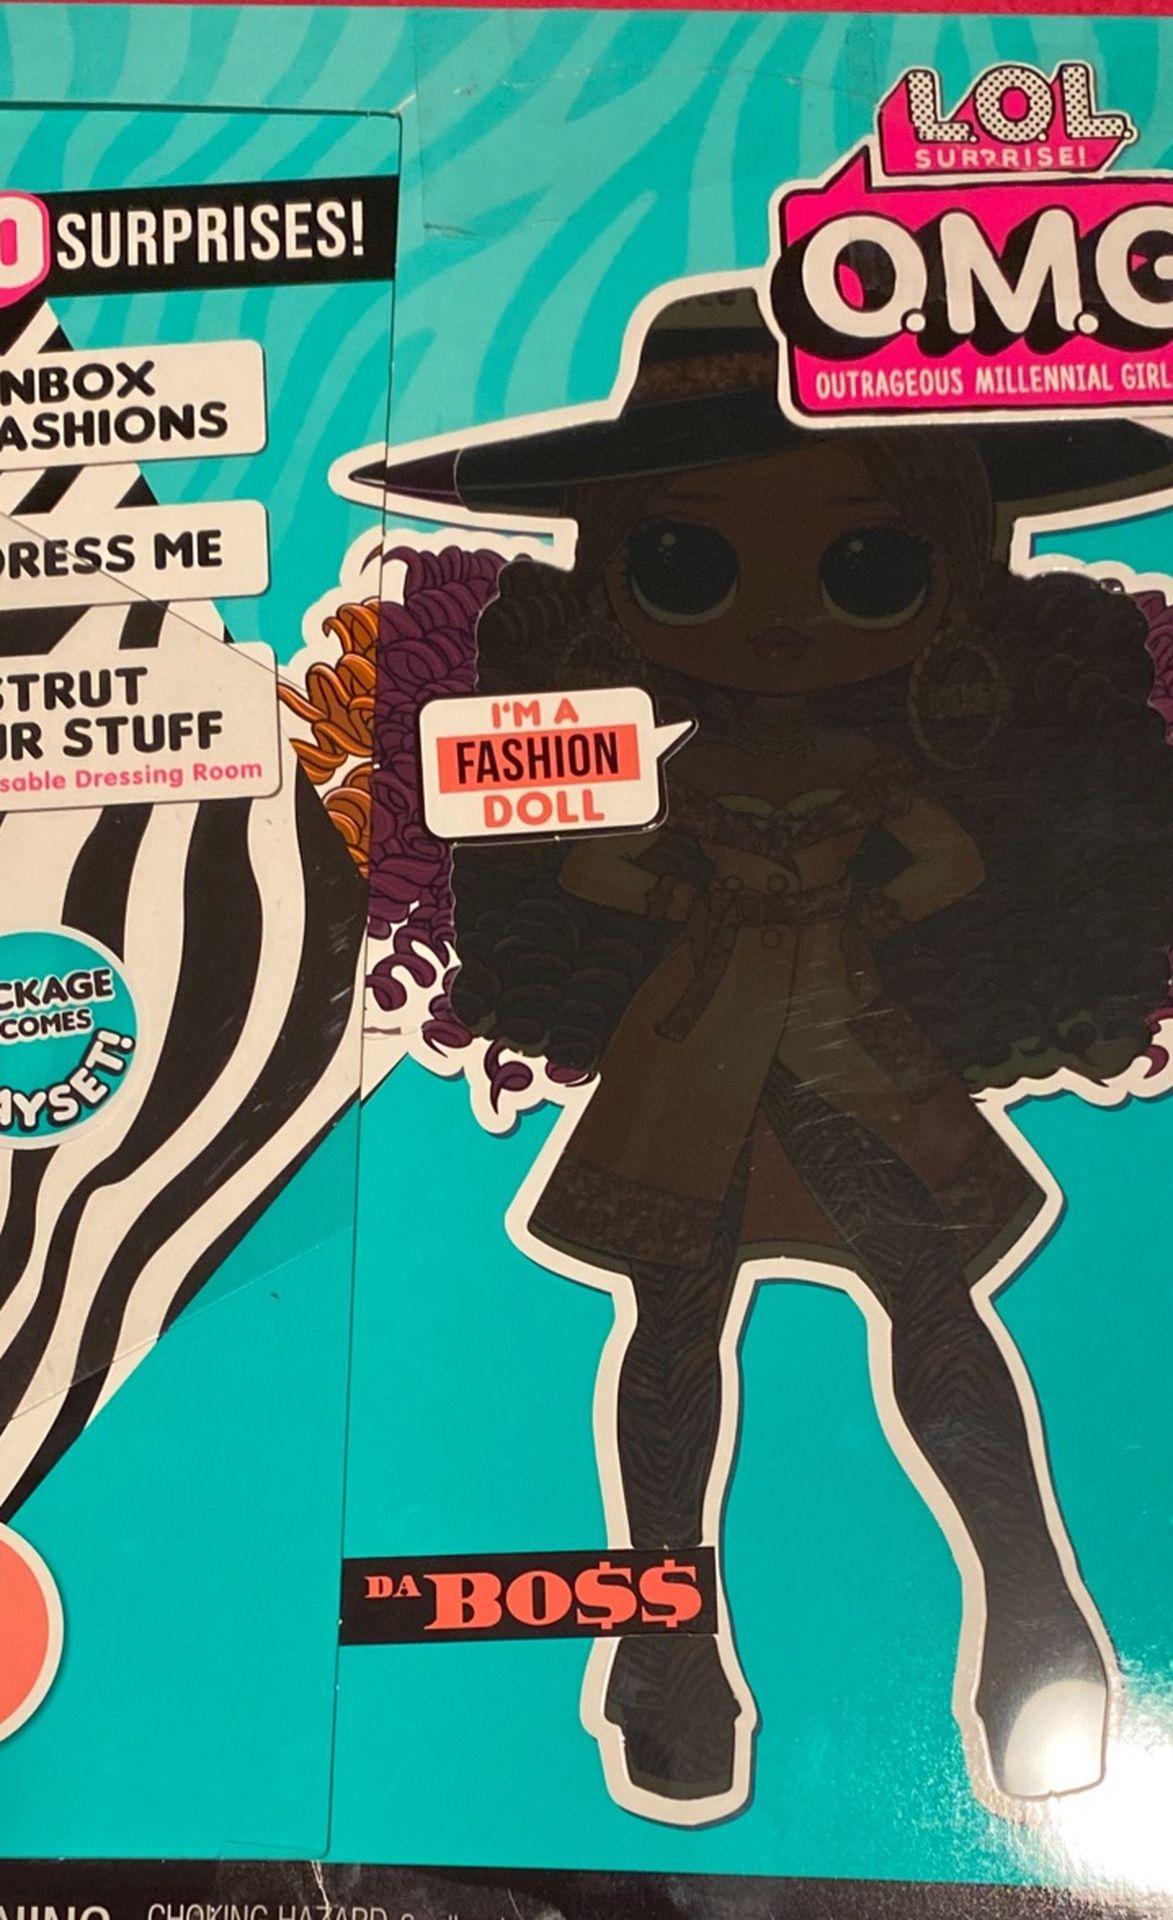 Lol Surprise Omg Doll Fashion Doll Da Boss